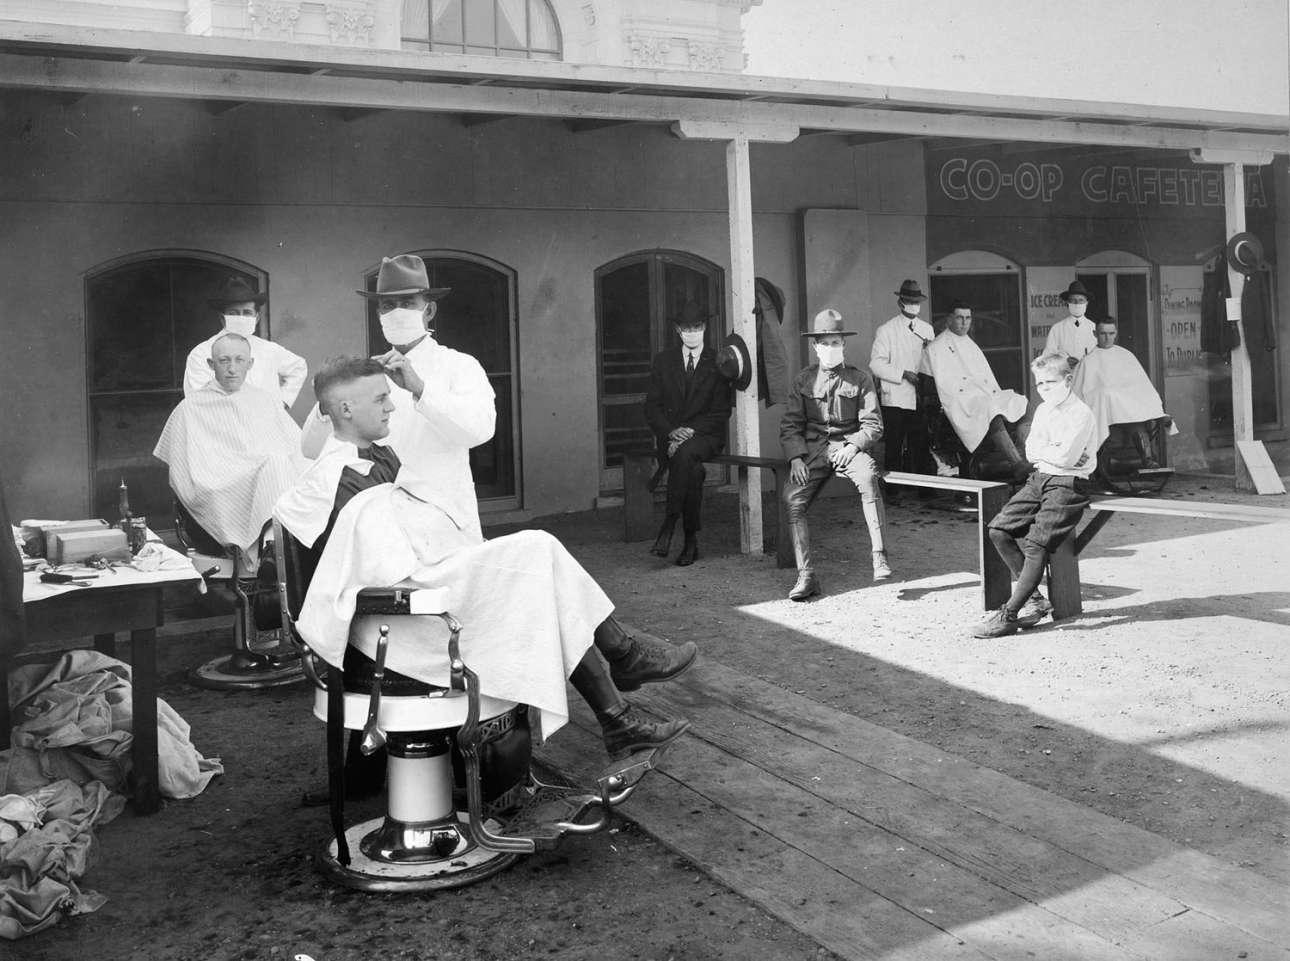 Κουρείο σε ανοιχτό χώρο στην Καλιφόρνια. Αρκετές δραστηριότητες οργανώνονταν σε ανοιχτούς χώρους προκειμένου να μπει ένα φρένο στην έξαρση της θανατηφόρας γρίπης